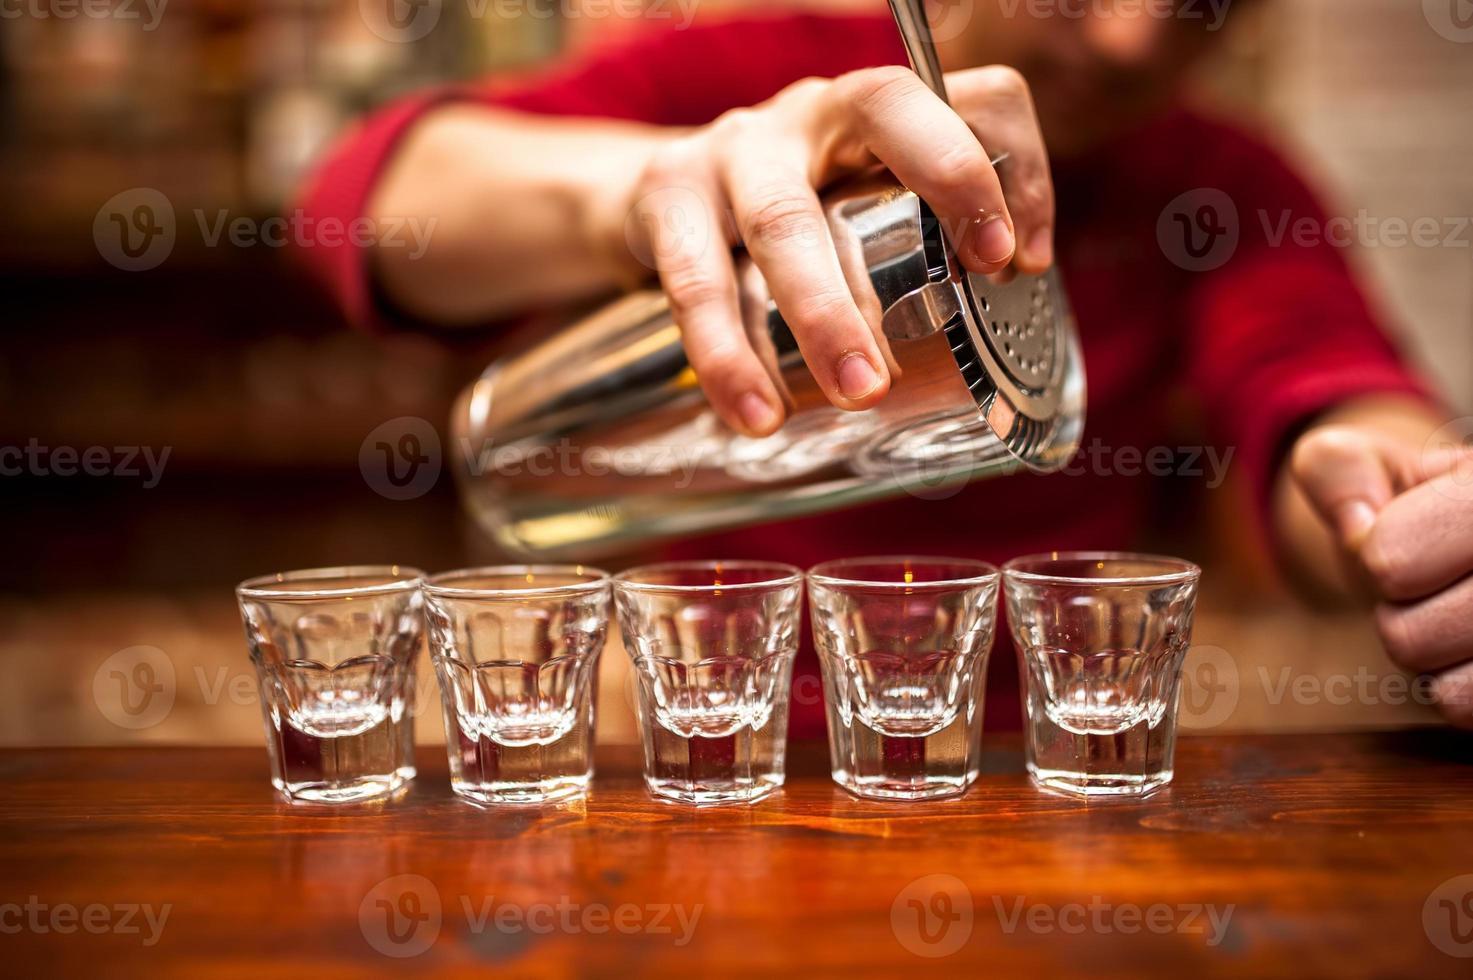 närbild av bartenderhand som häller alkoholhaltig dryck i nattklubb, foto